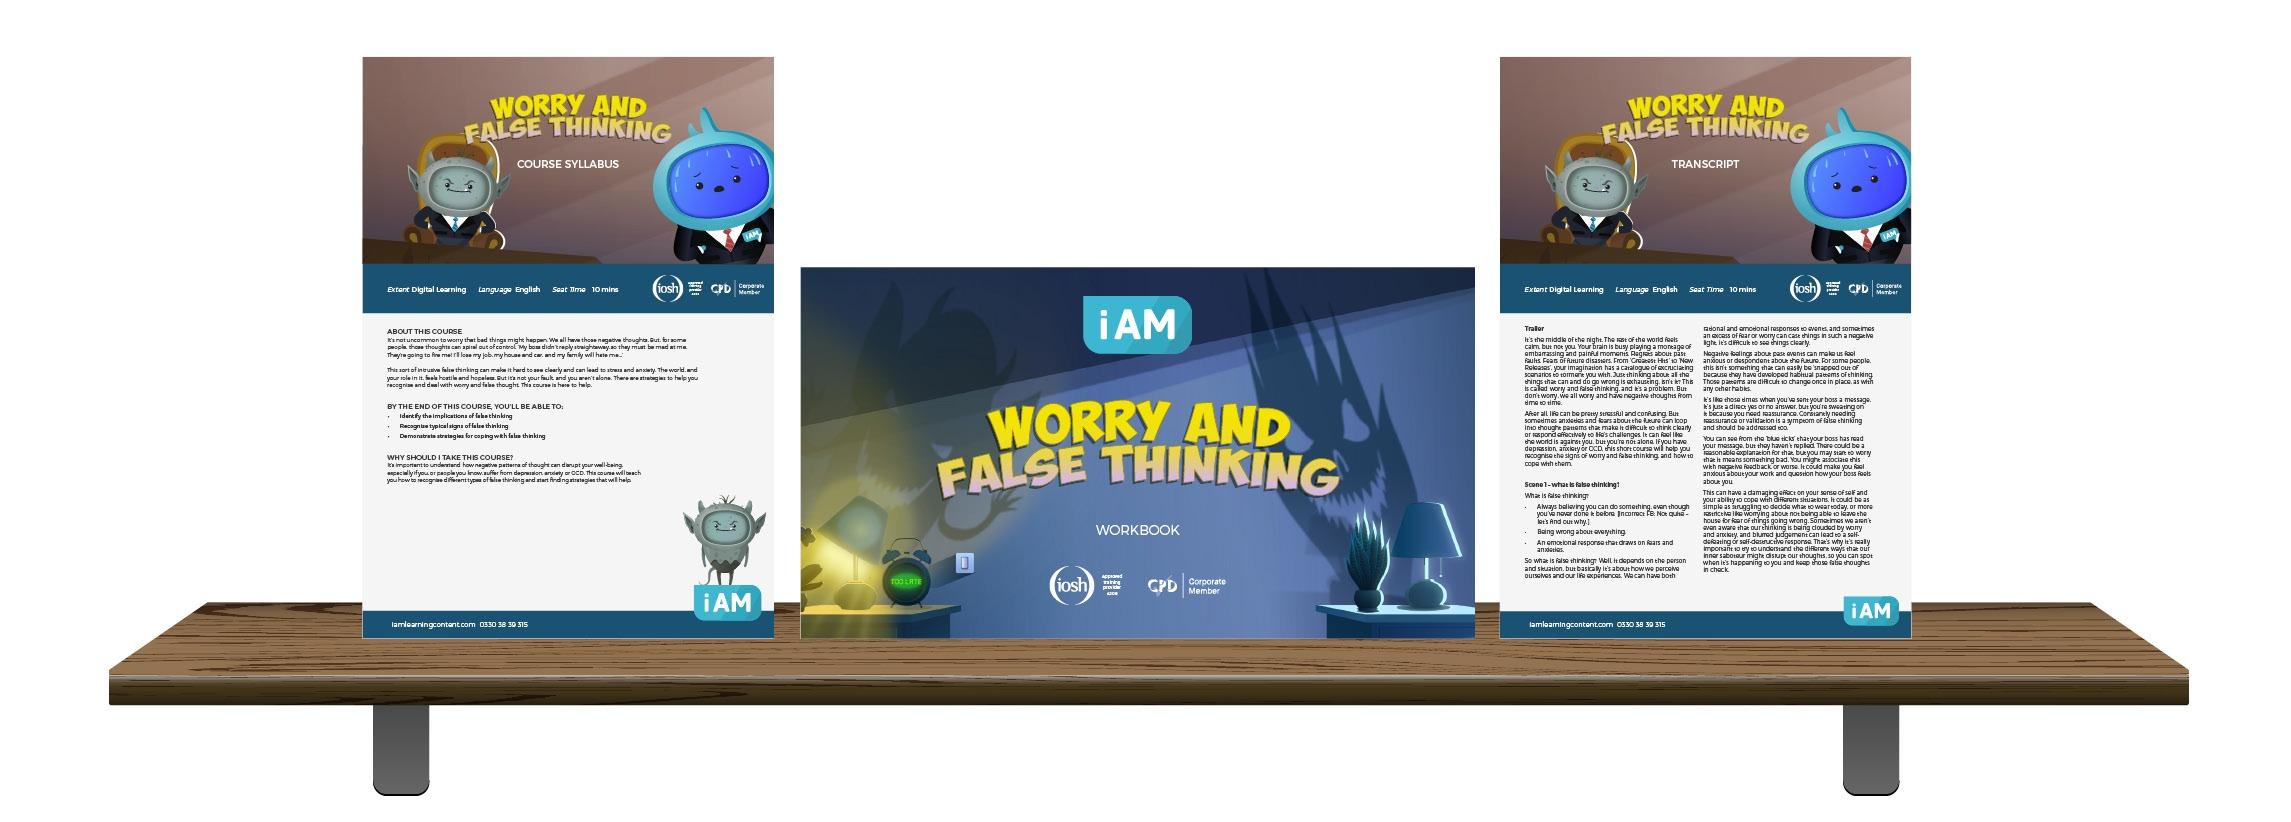 iAM 00059 - Worry & False Thinking - Landing Page8